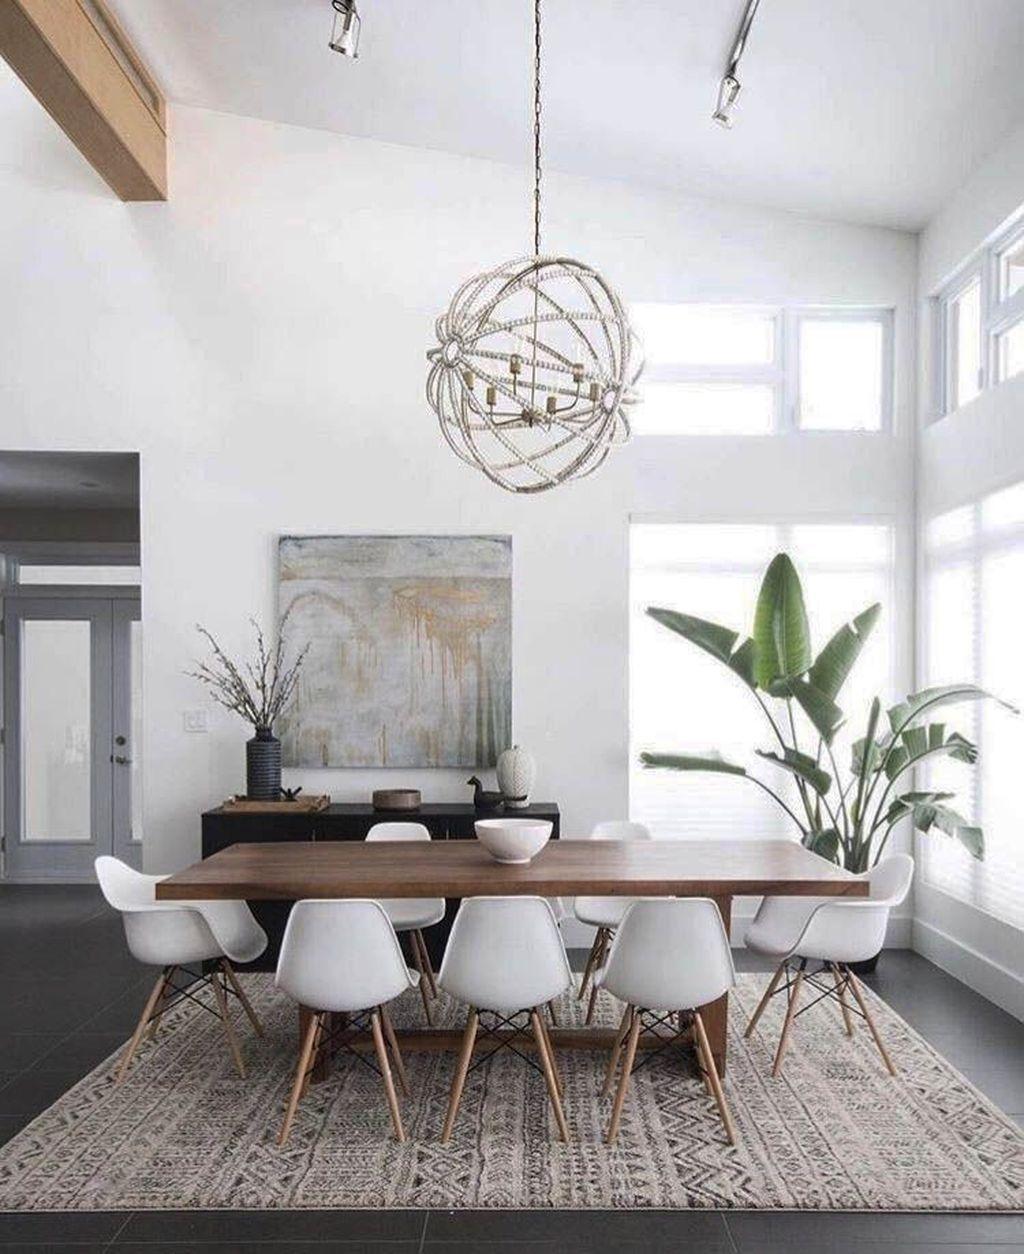 44 Popular Contemporary Dining Room Design Ideas Homyhomee Minimalist Dining Room Minimal Dining Room Scandinavian Dining Room